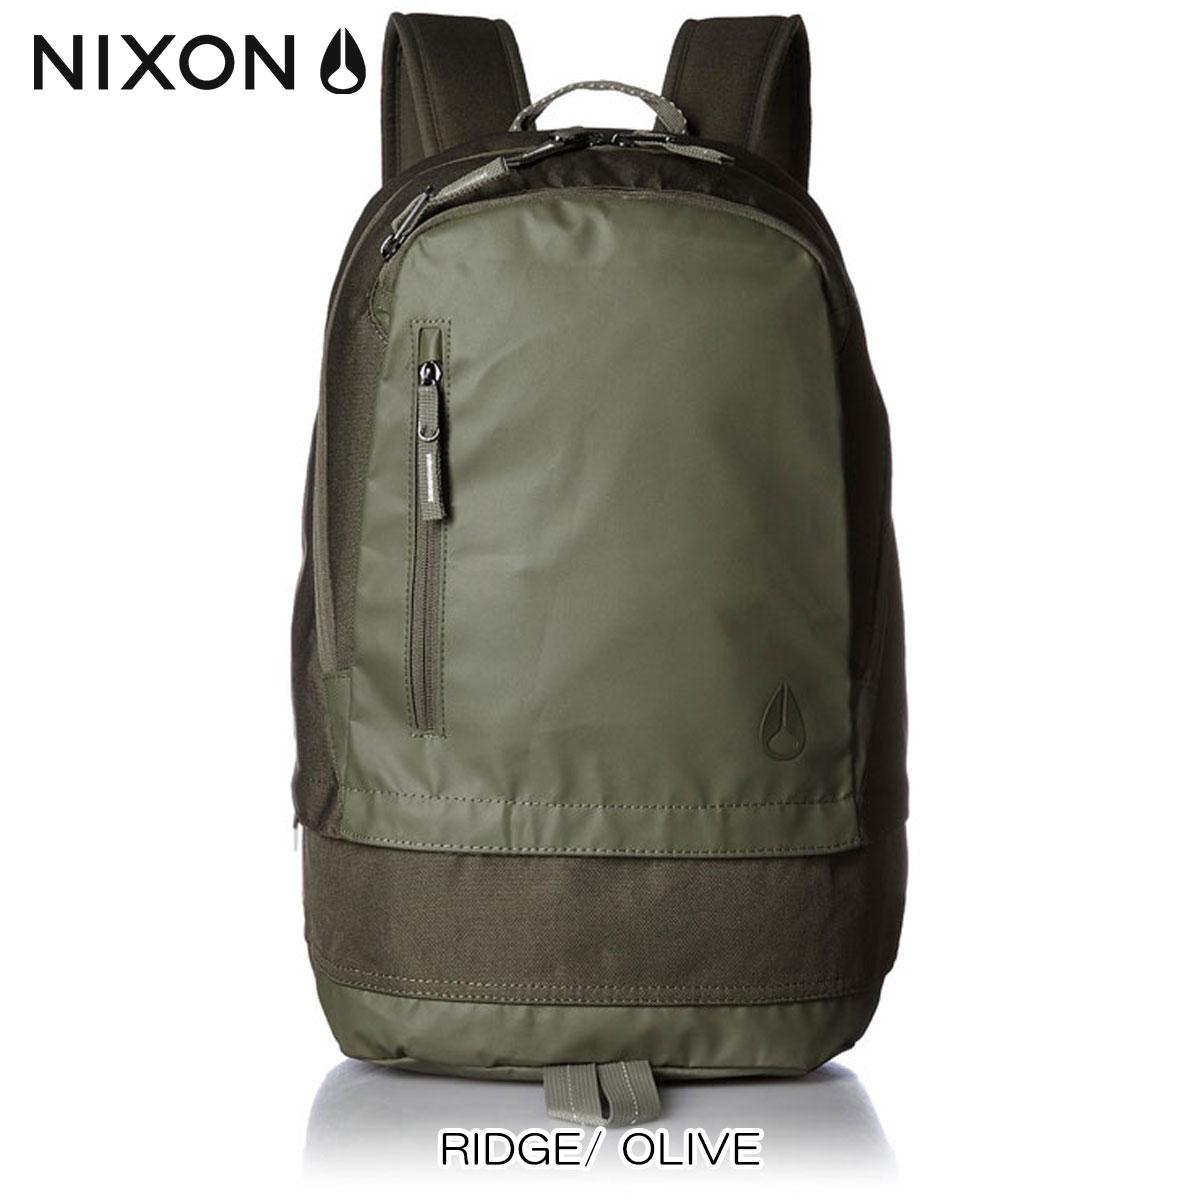 ニクソン NIXON 正規販売店 バッグ RIDGE/ OLIVE NC2550333-00 D00S20